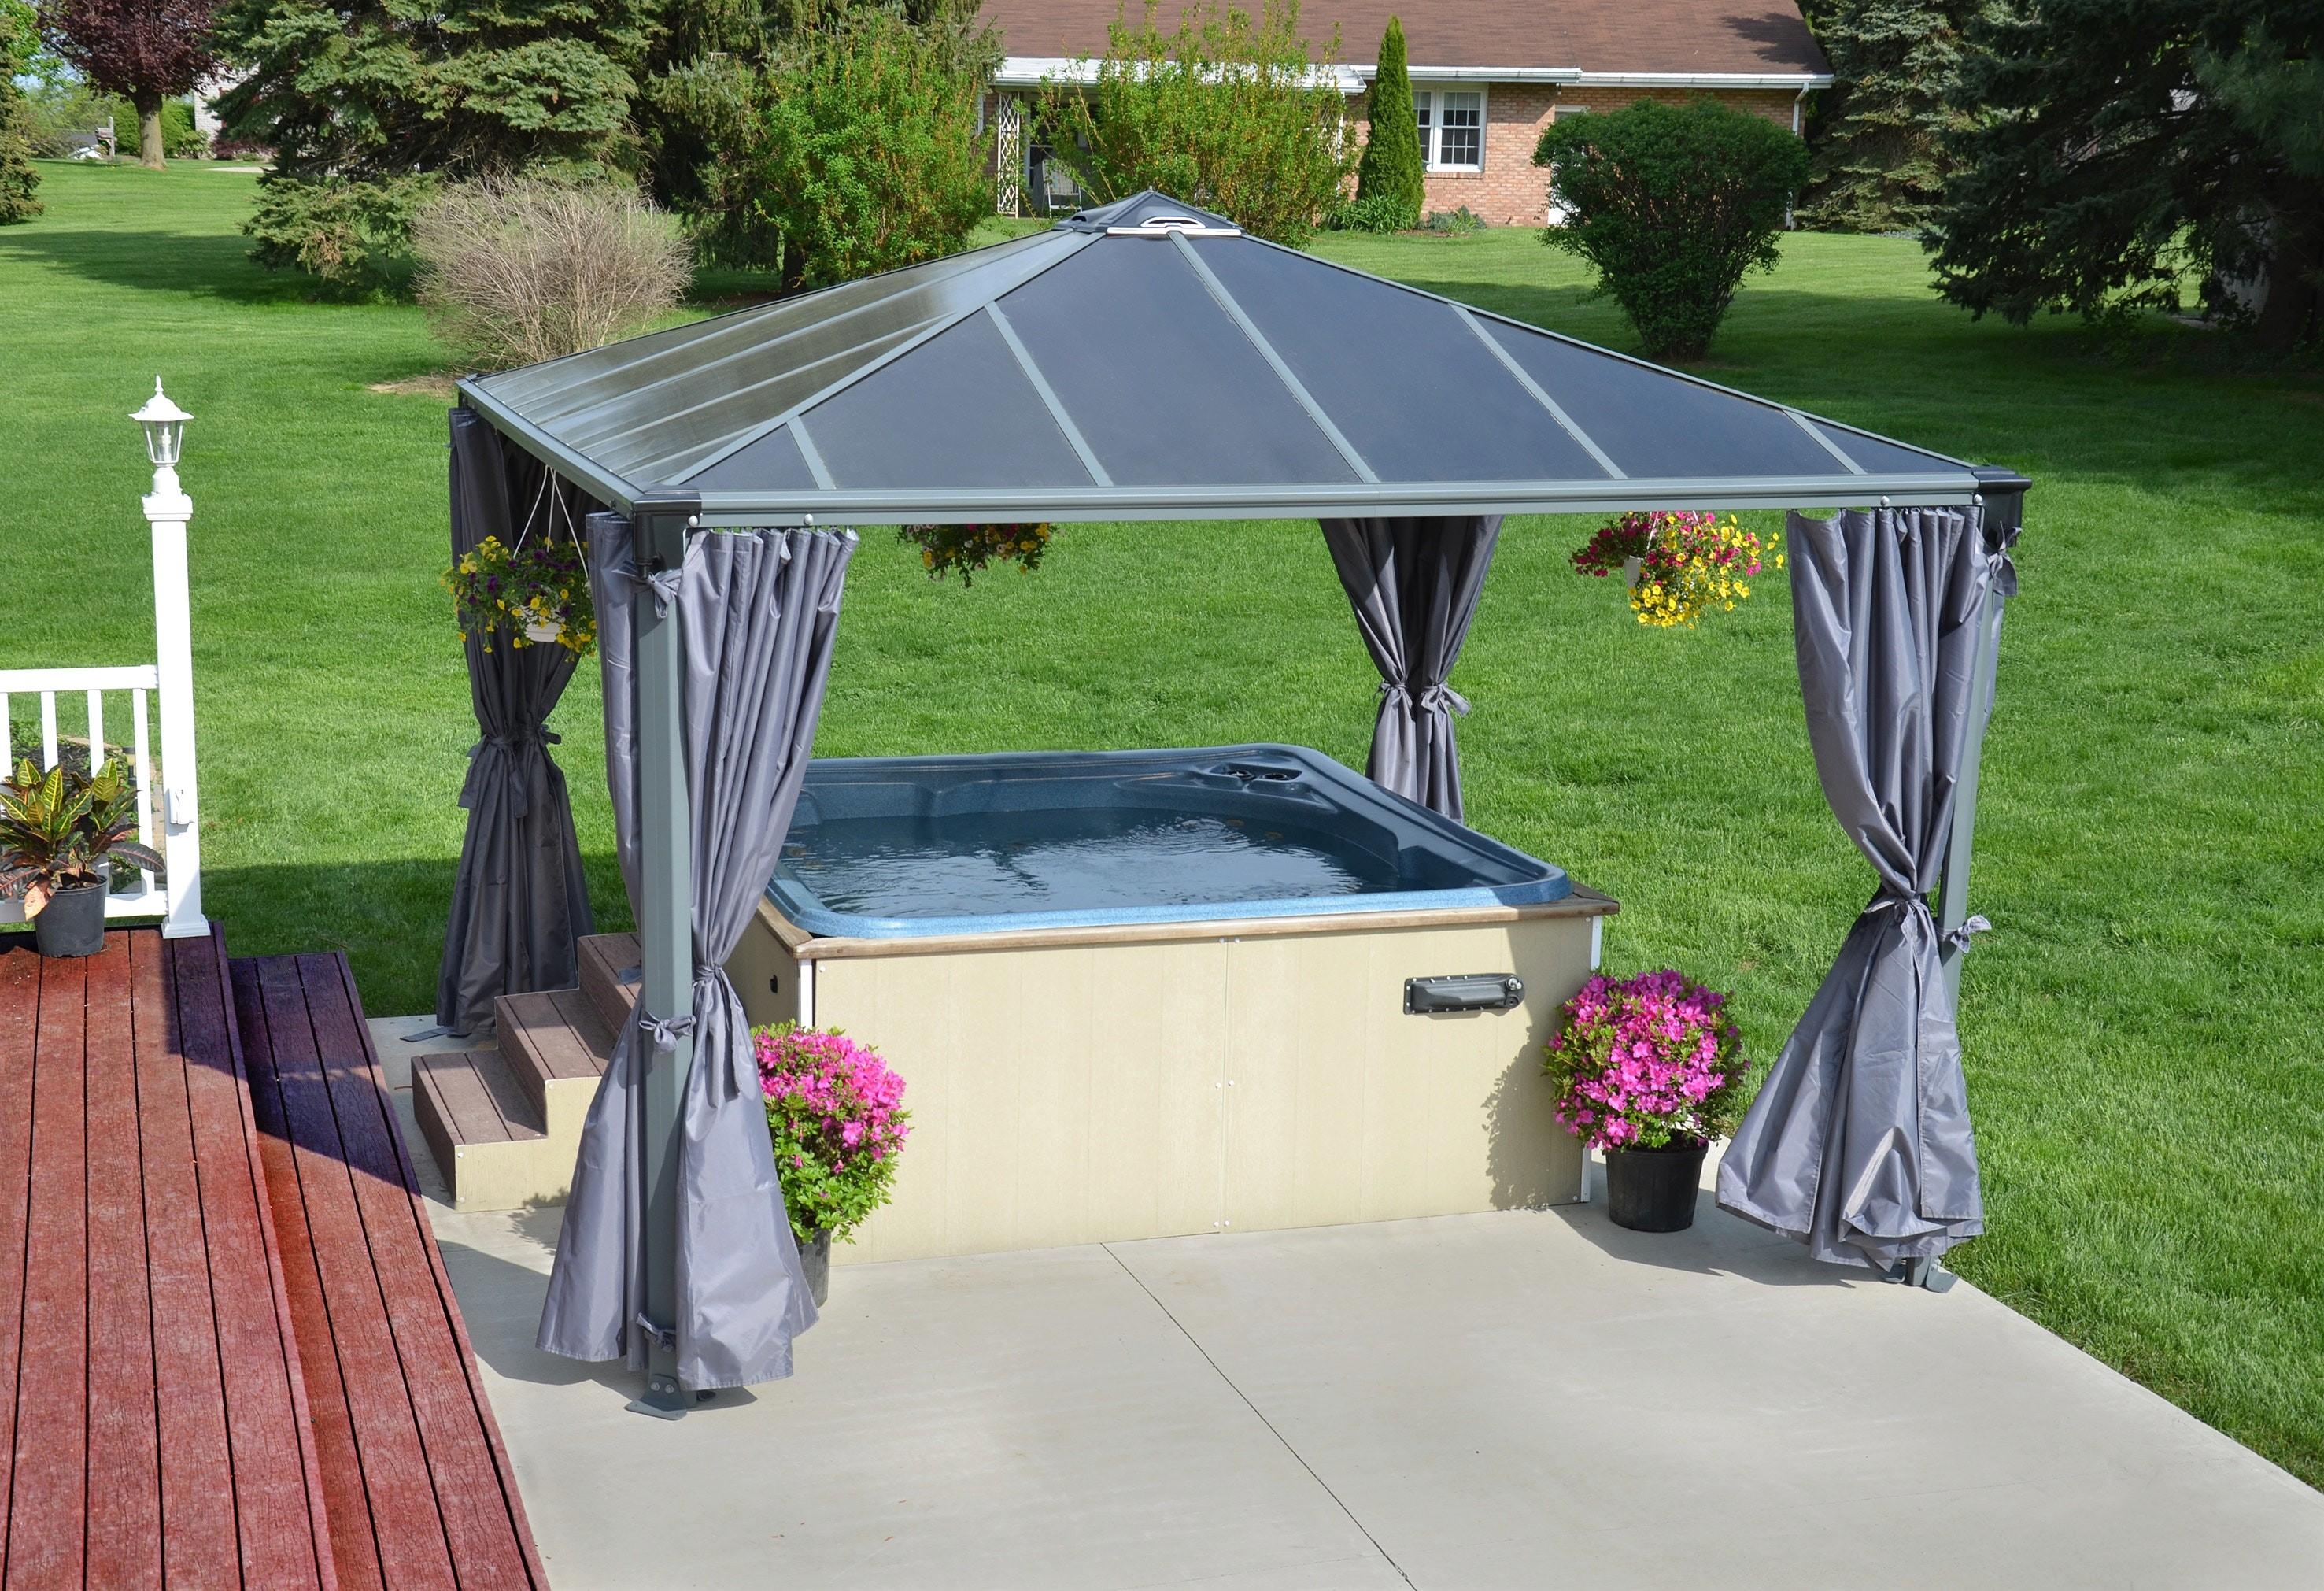 tonnelle pliante avec rideaux nouveau tonnelle 6x3 avec barnum pavillon de jardin chapiteau 6 x. Black Bedroom Furniture Sets. Home Design Ideas